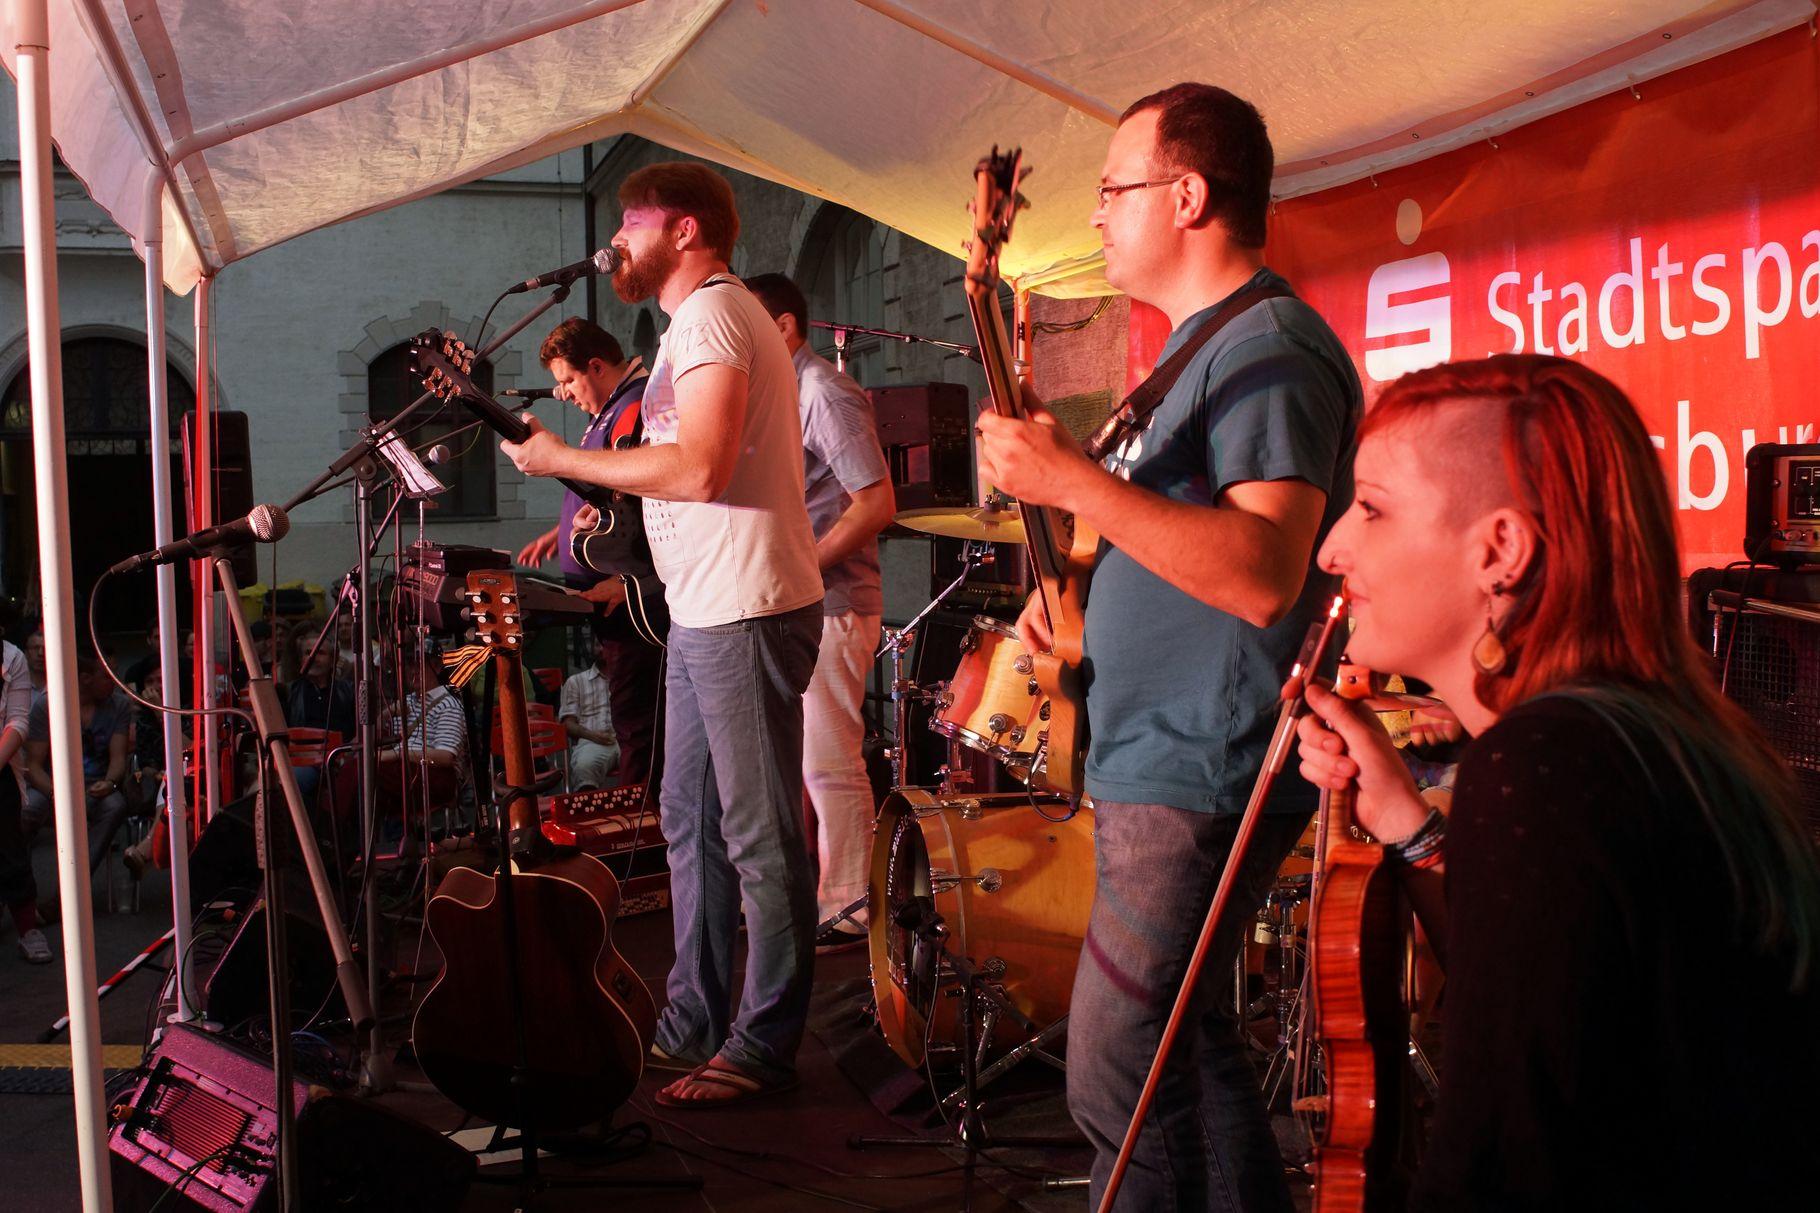 Konzerte im Bürgerhof 06.07.2013 DAS GLÜCK - Freiwilligen-Zentrum Augsburg - Foto: Crayfish